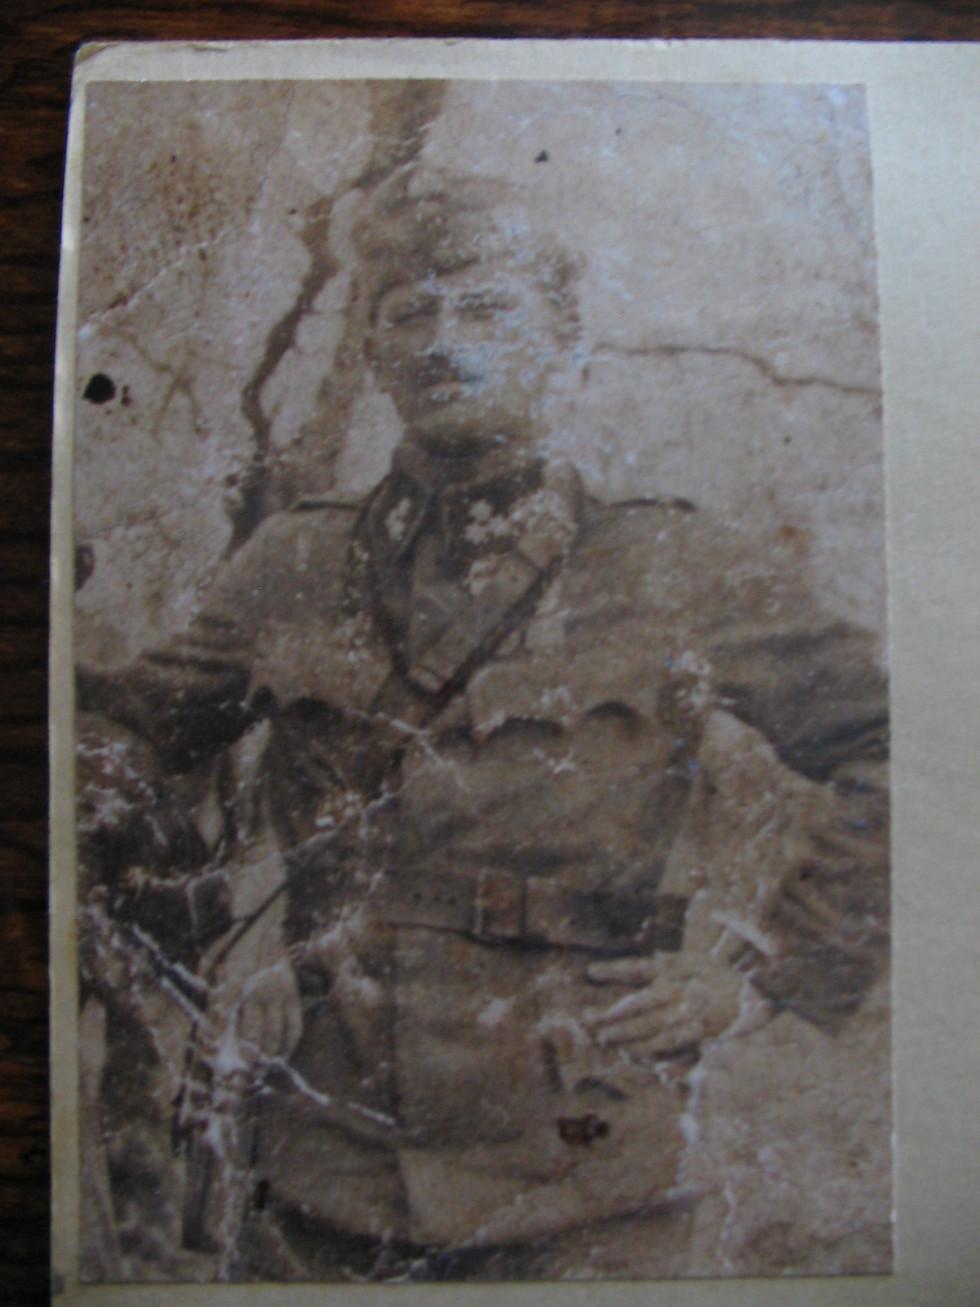 Жисік Хасман, капітан австро-угорської армії. Це єдине фото з довоєнних часів в сімейному альбомі Мандика Хасмана, решта були знищені під час Другої світової